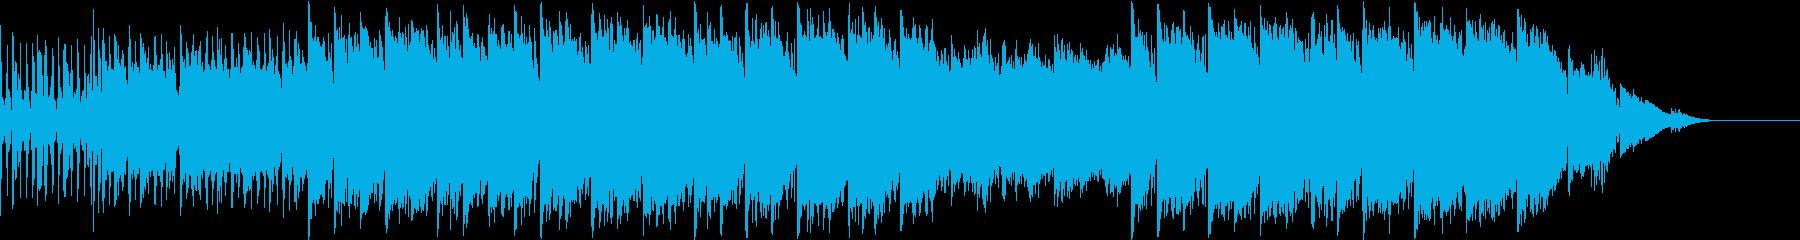 テンポが早いジャズの再生済みの波形